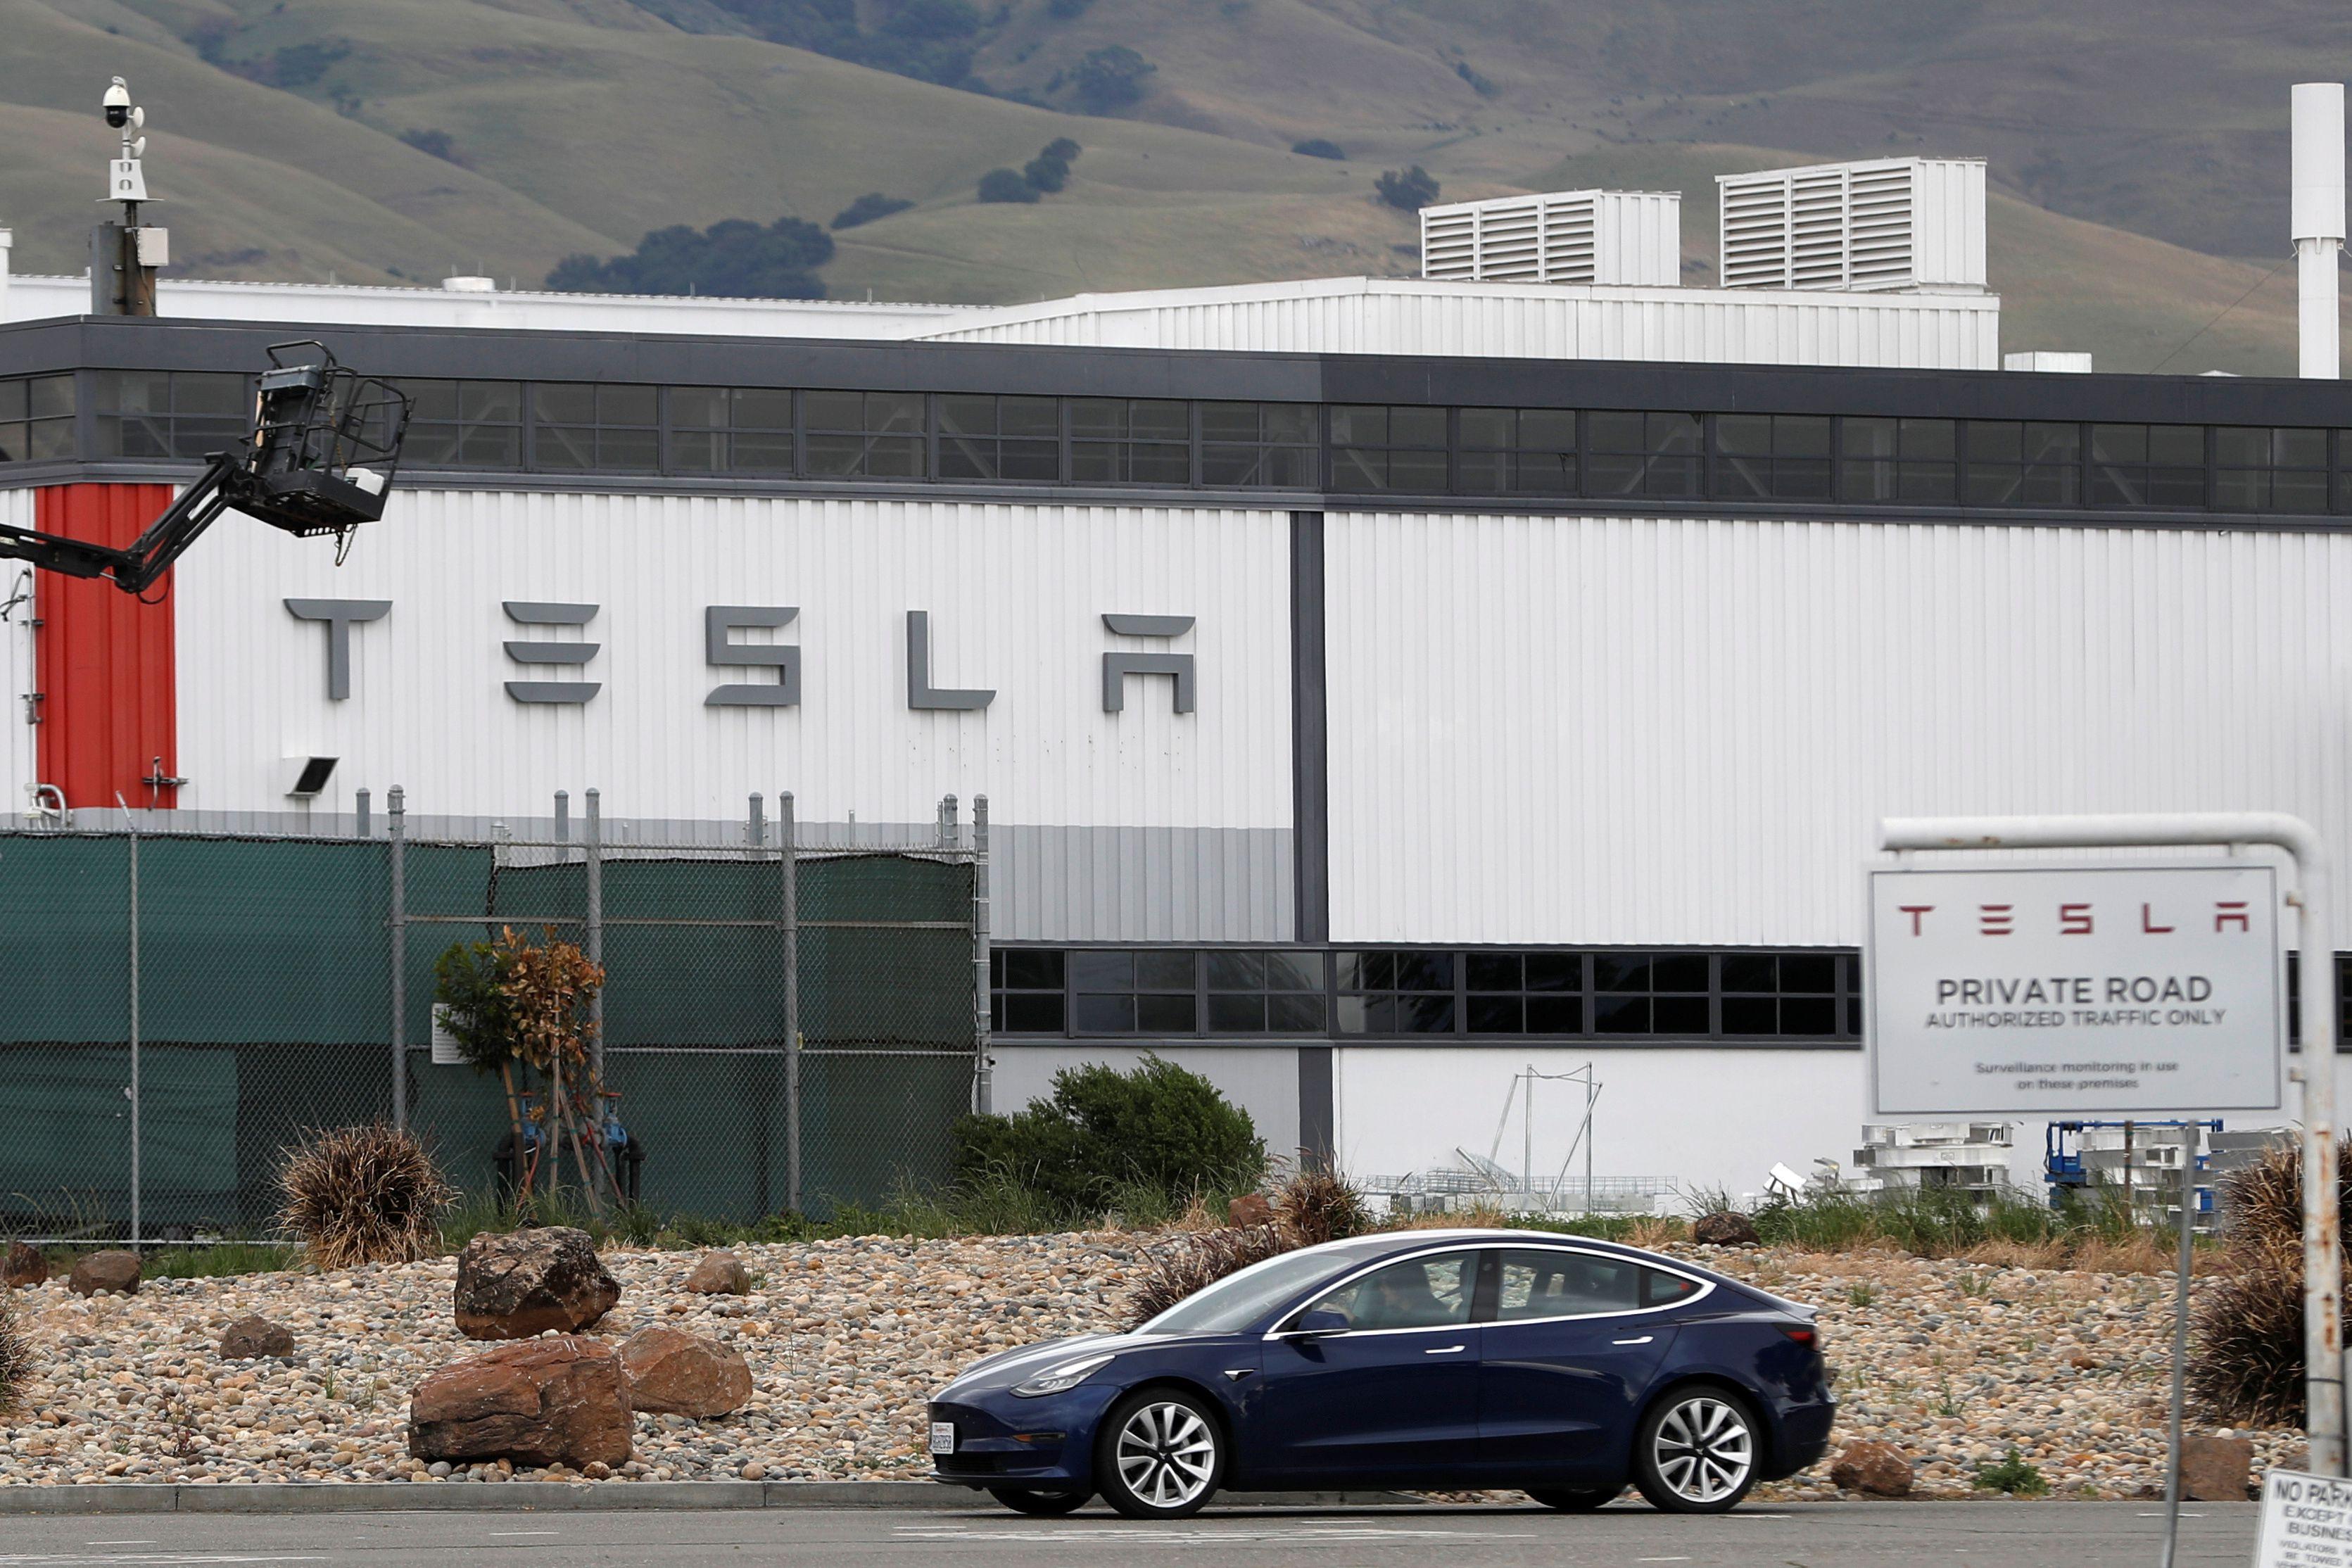 تبيع شركة تسلا السيارات الكهربائية منذ عام 2008